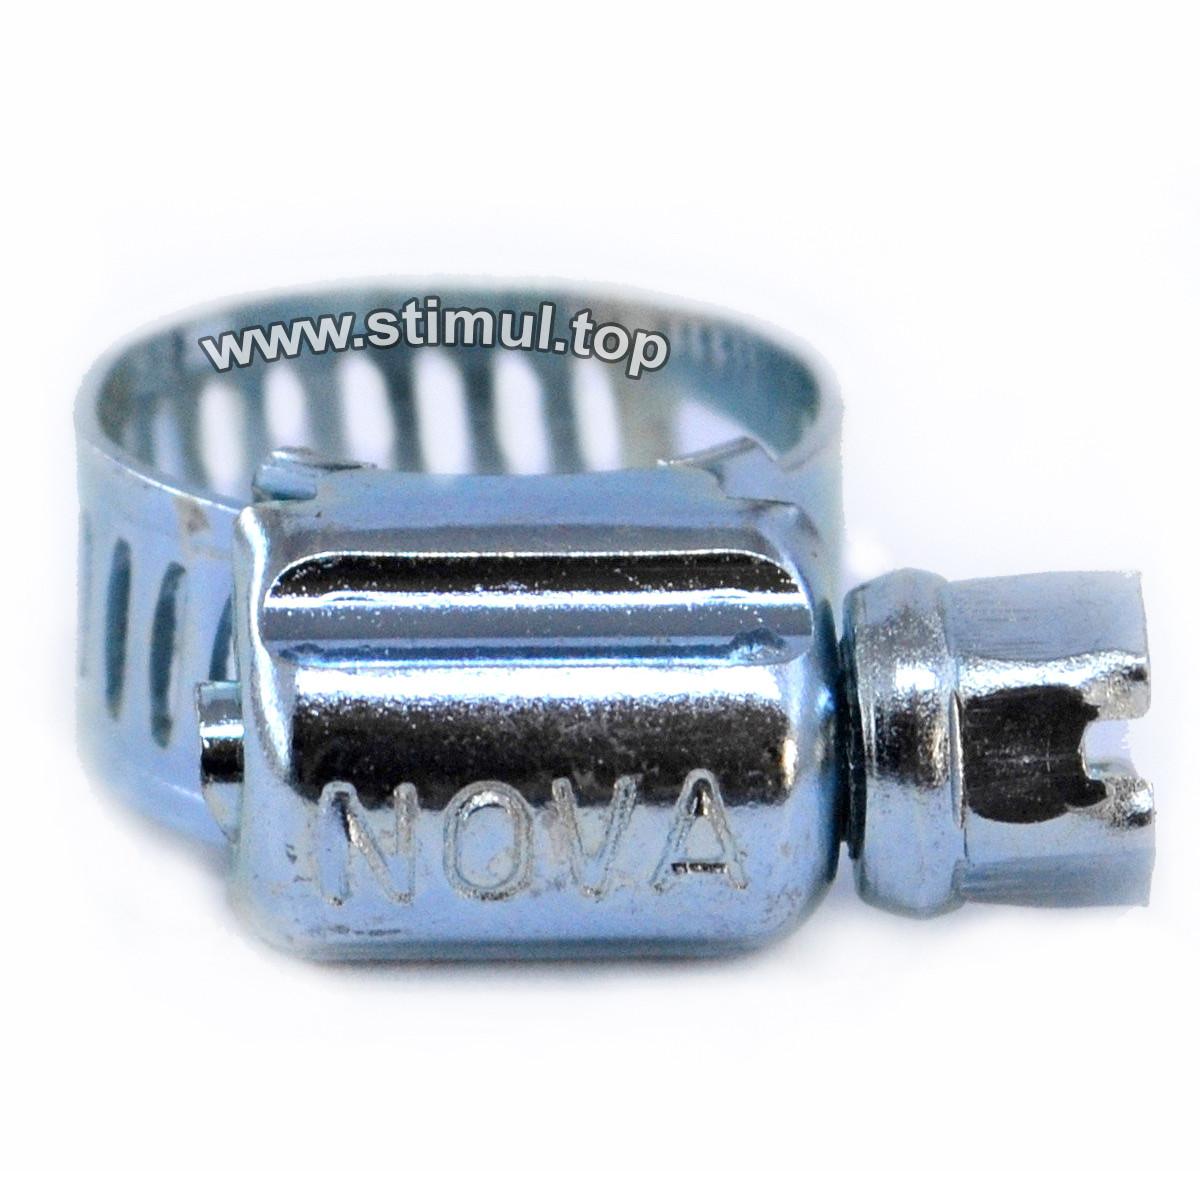 Хомут червячный Nova 40-60 мм (50 шт/уп) обжимной для шлангов